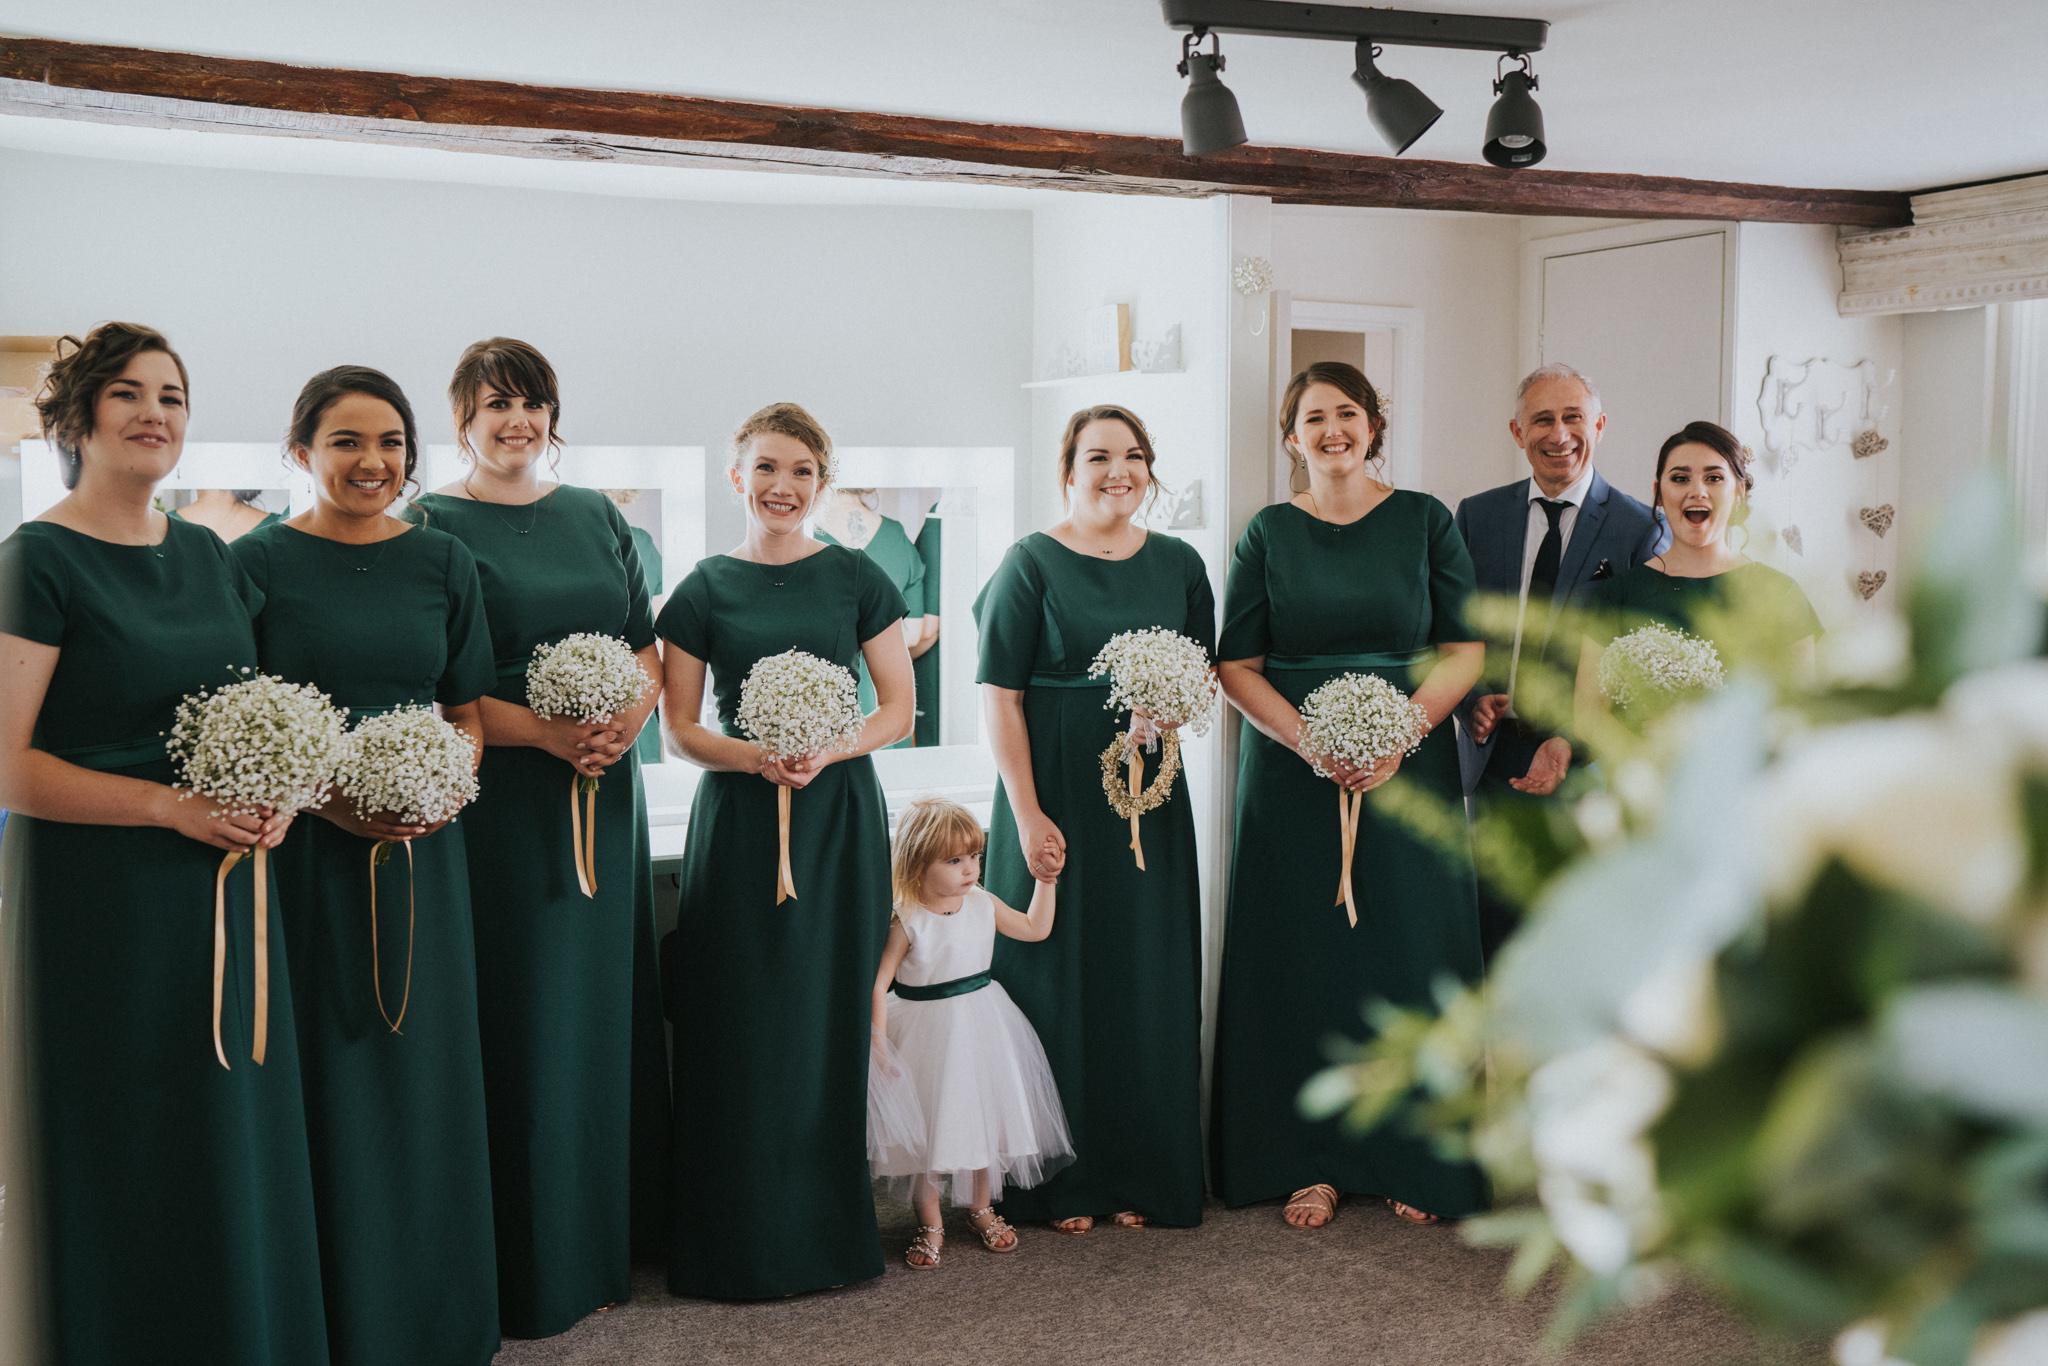 lizzie-faz-fennes-asian-fusion-wedding-grace-elizabeth-colchester-essex-alternative-wedding-lifestyle-photographer-essex-suffolk-norfolk-devon (20 of 55).jpg